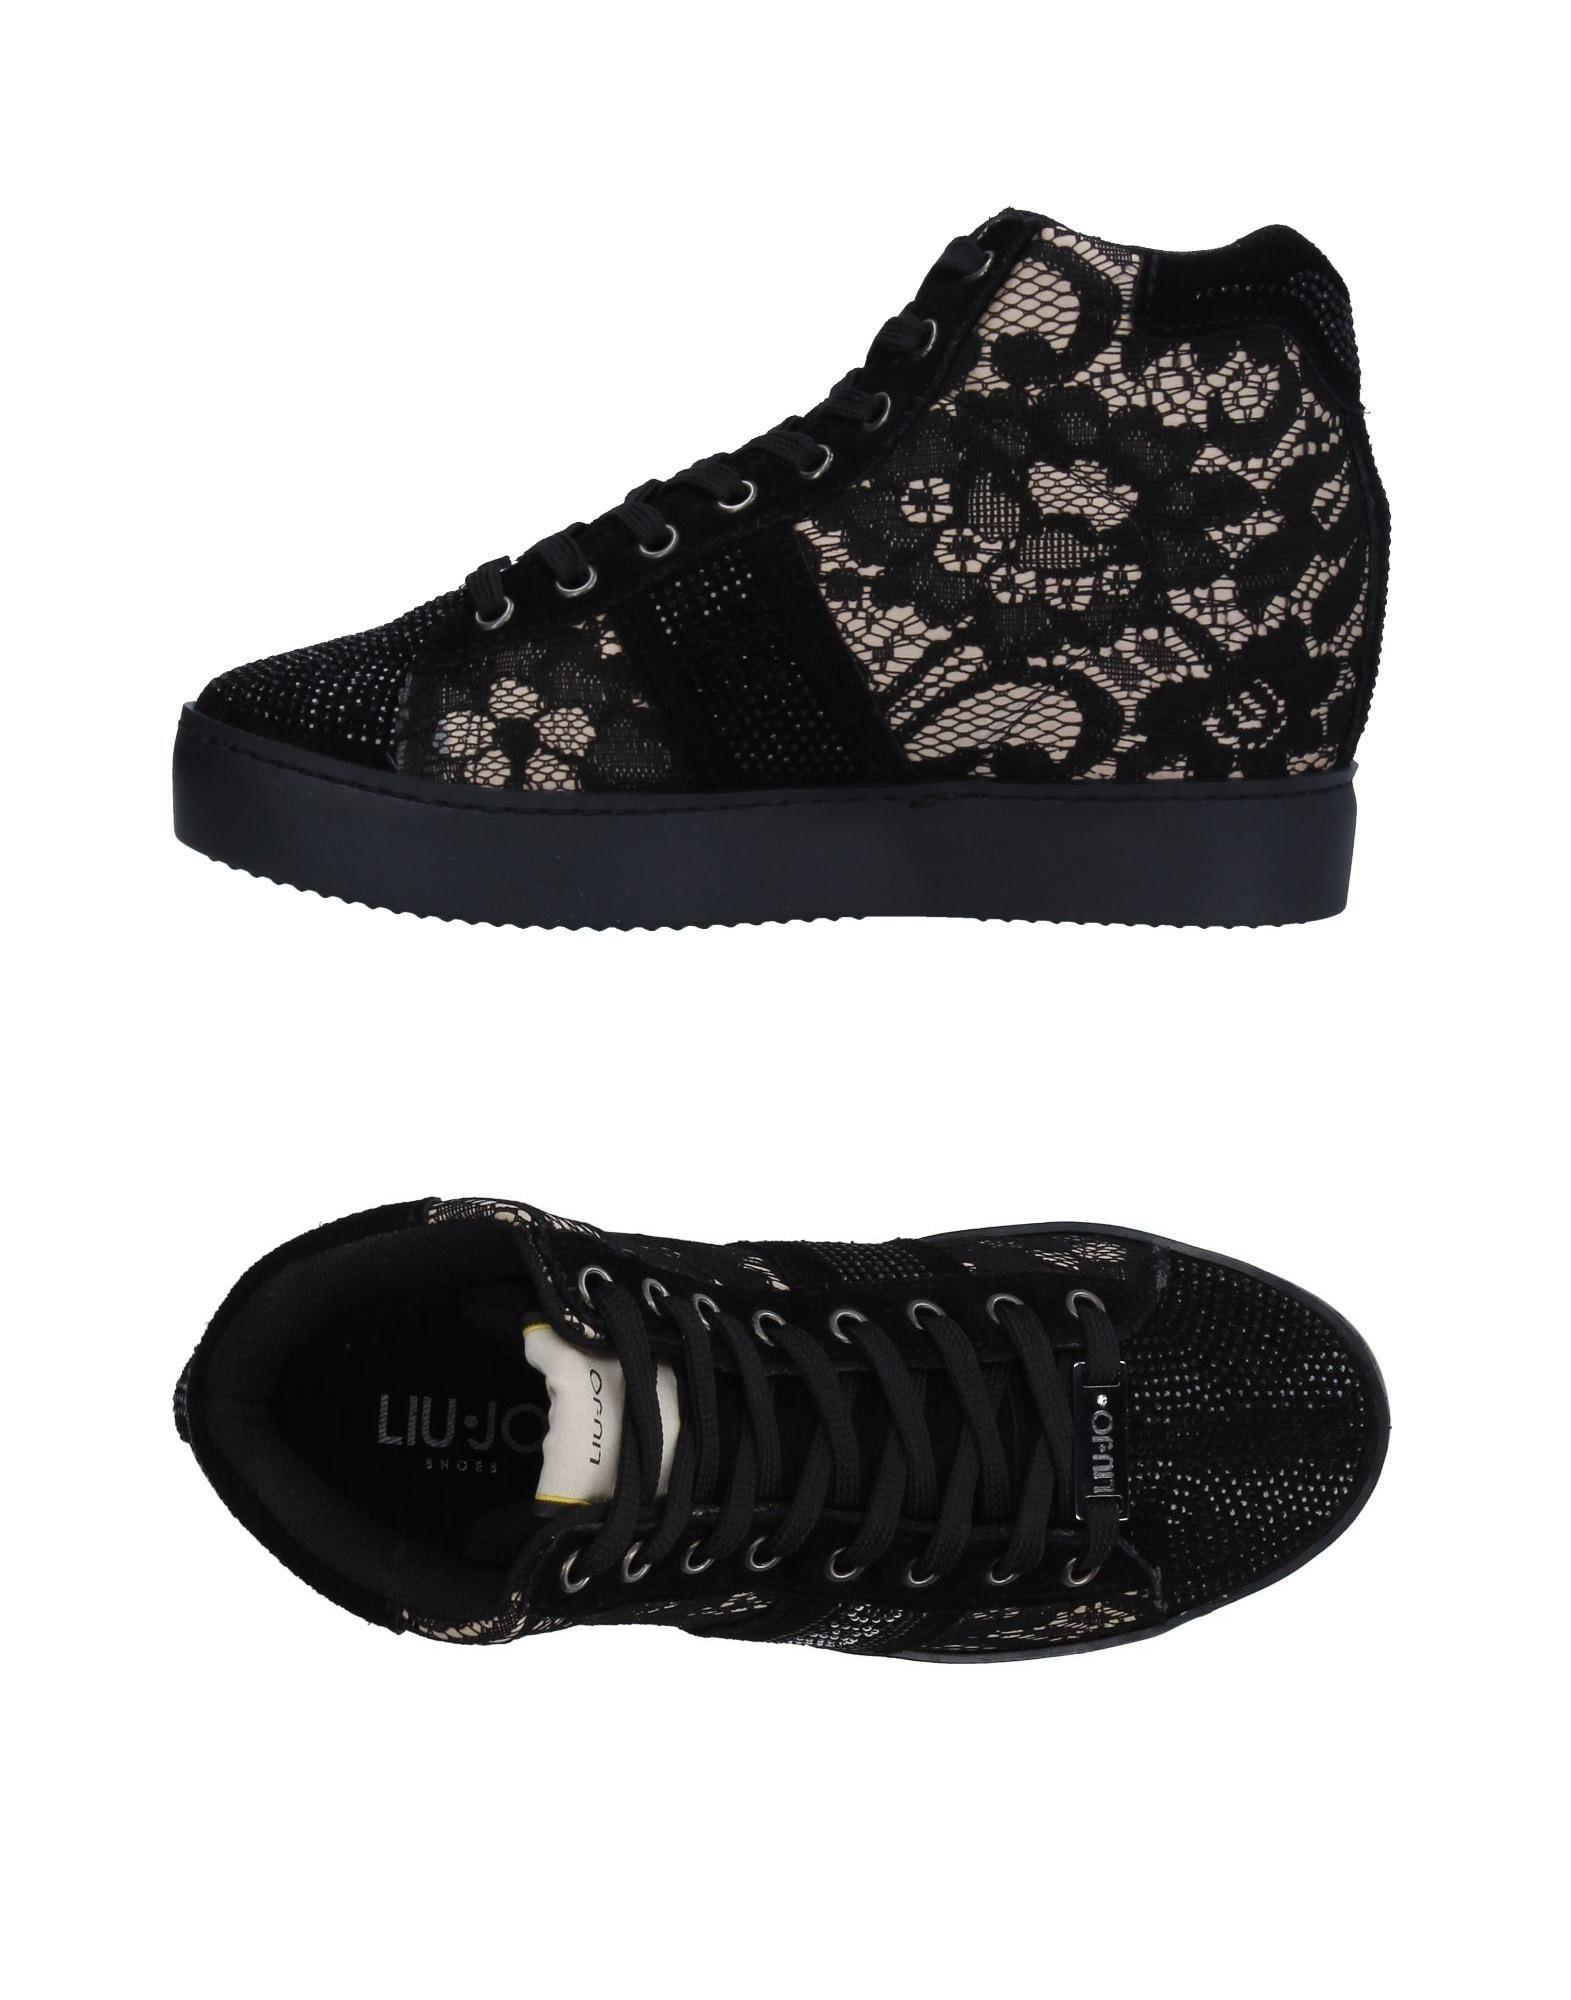 Baskets Liu •Jo Shoes Femme - Baskets Liu •Jo Shoes Noir Réduction de prix saisonnier, remise